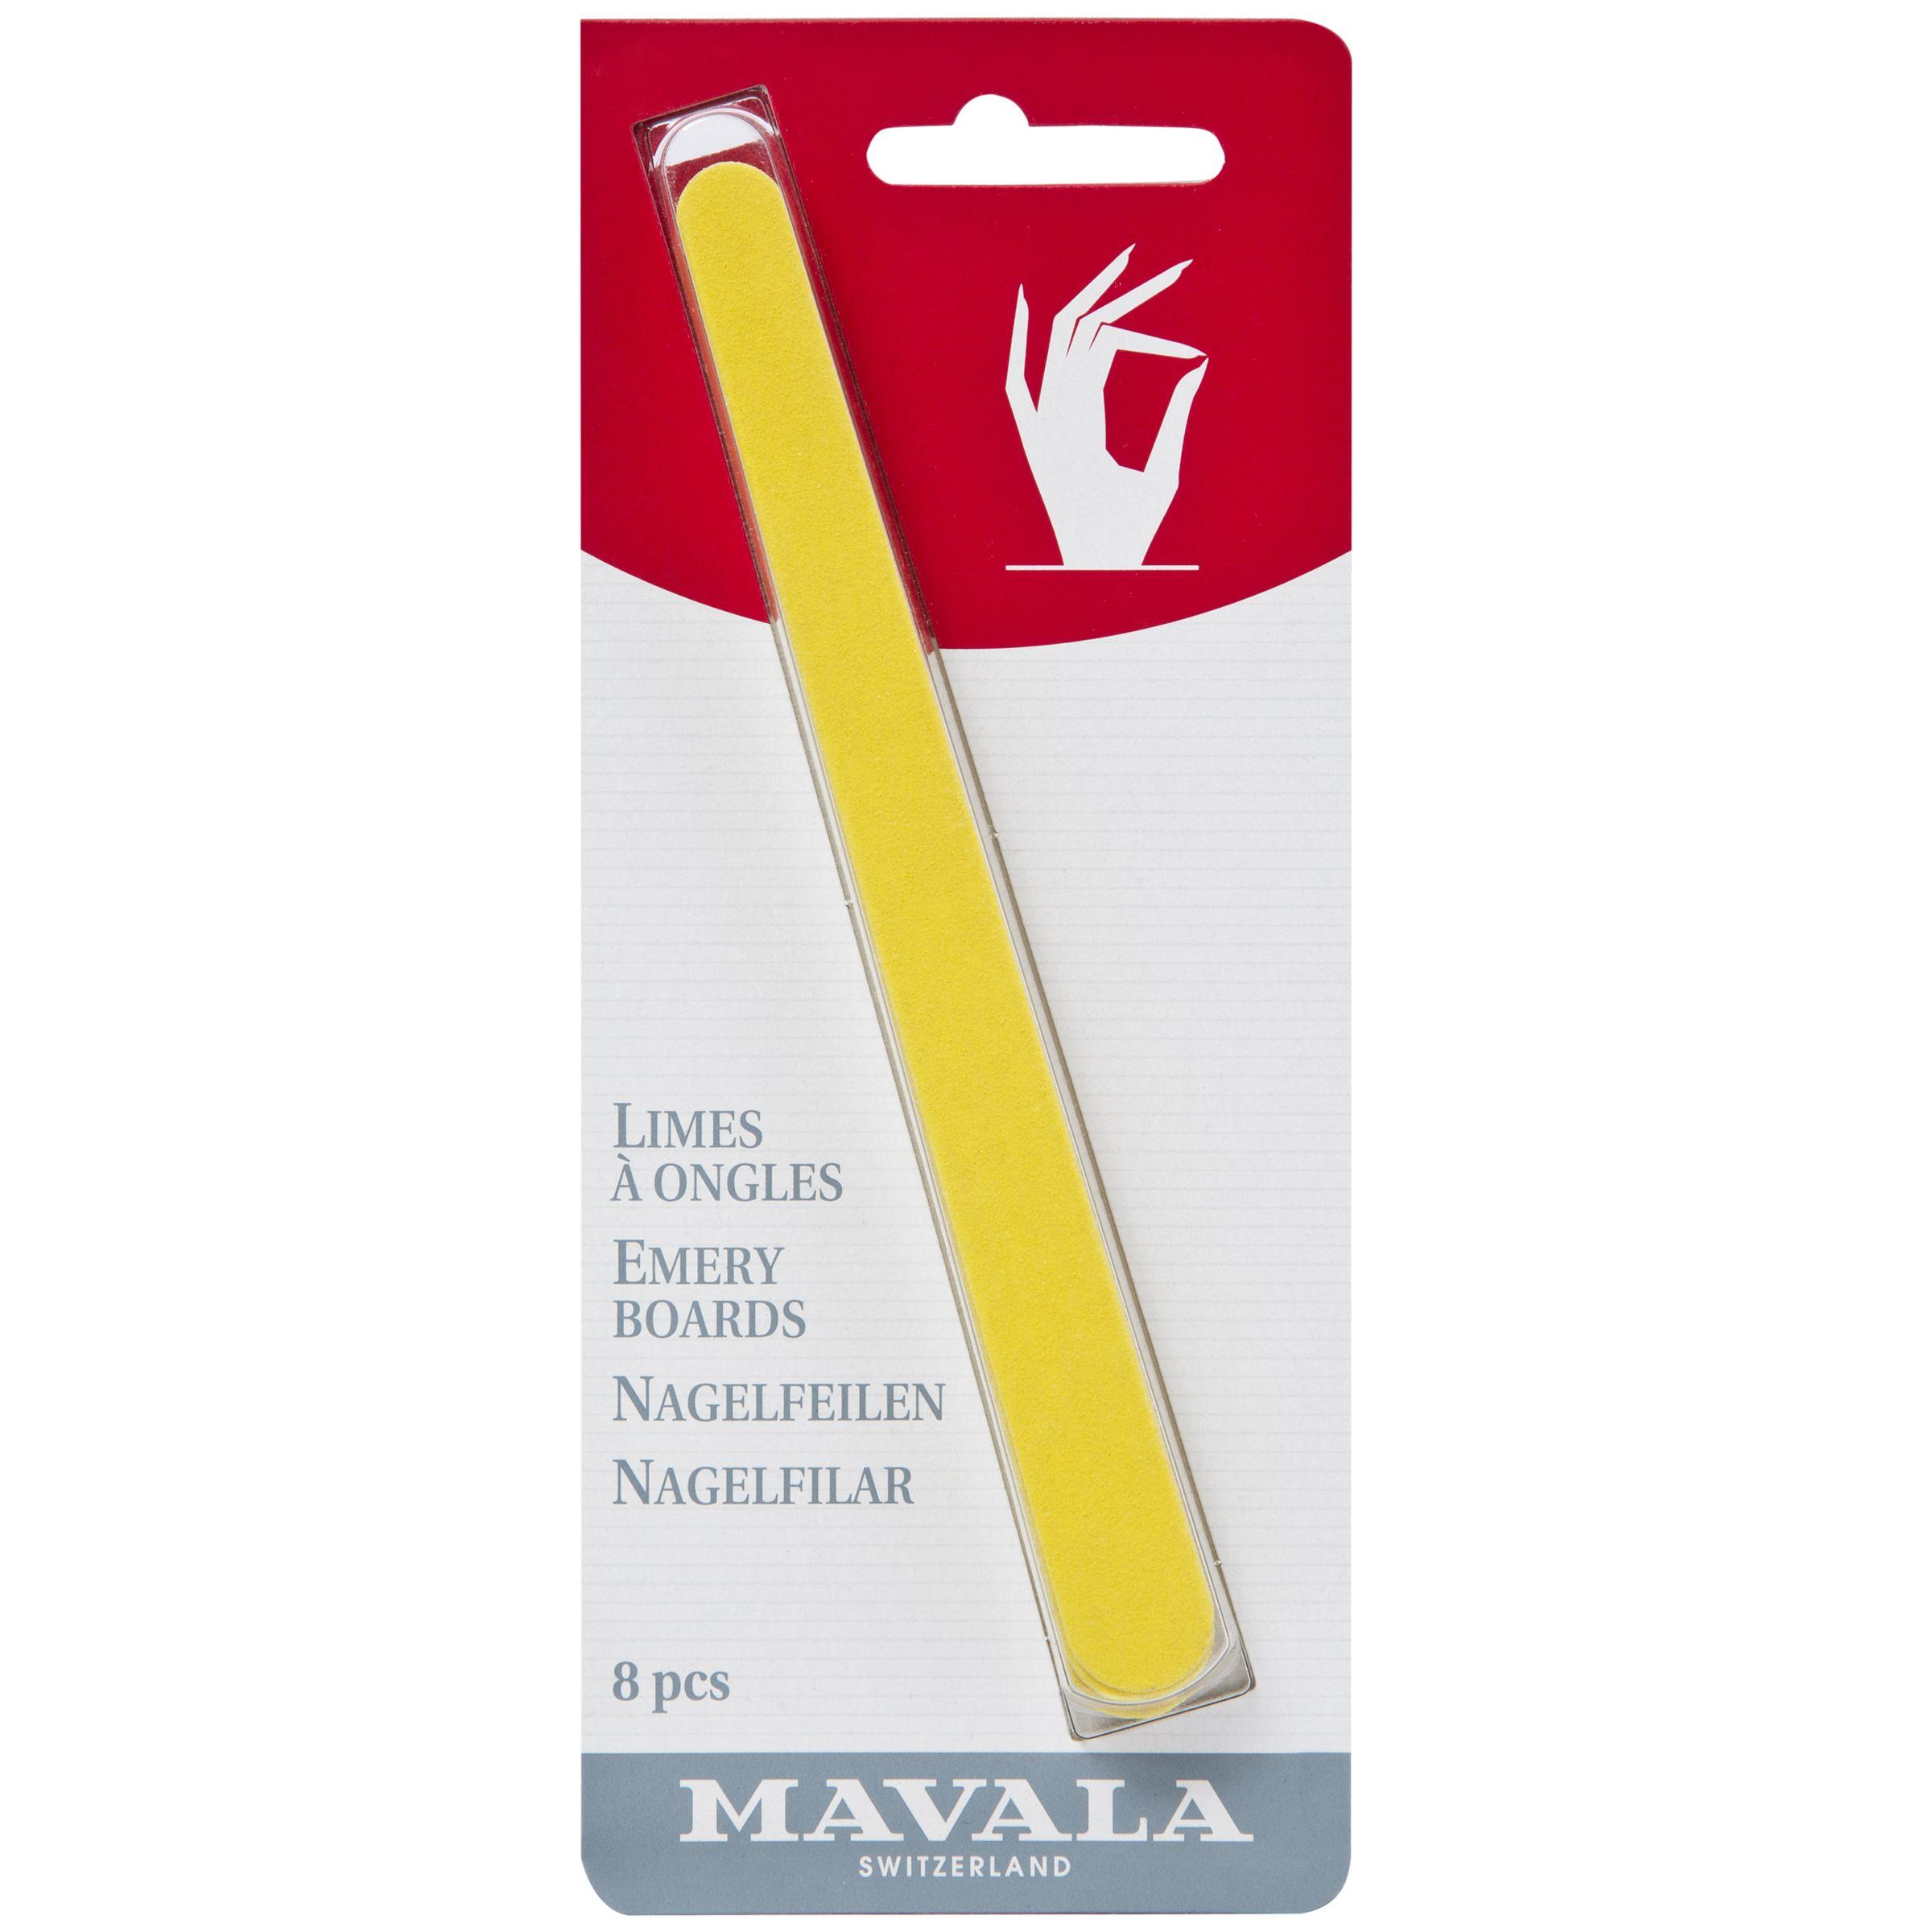 Mavala MAVALA Emery Boards, x 8